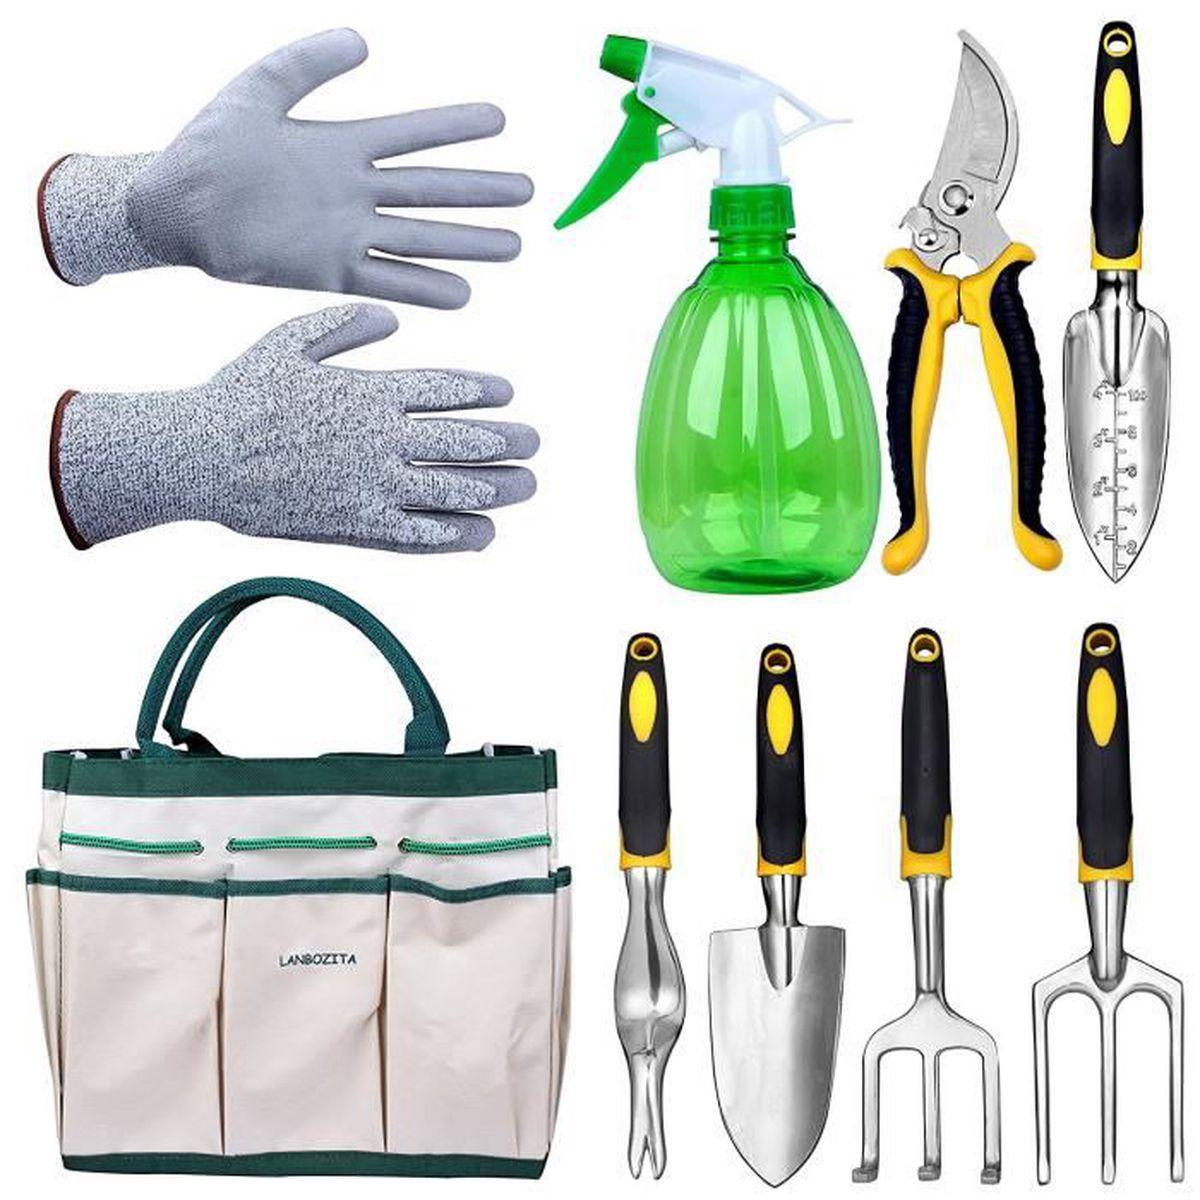 Les Outils De Jardinage Avec Photos kit outils de jardinage - sac de jardin avec 9 outils de